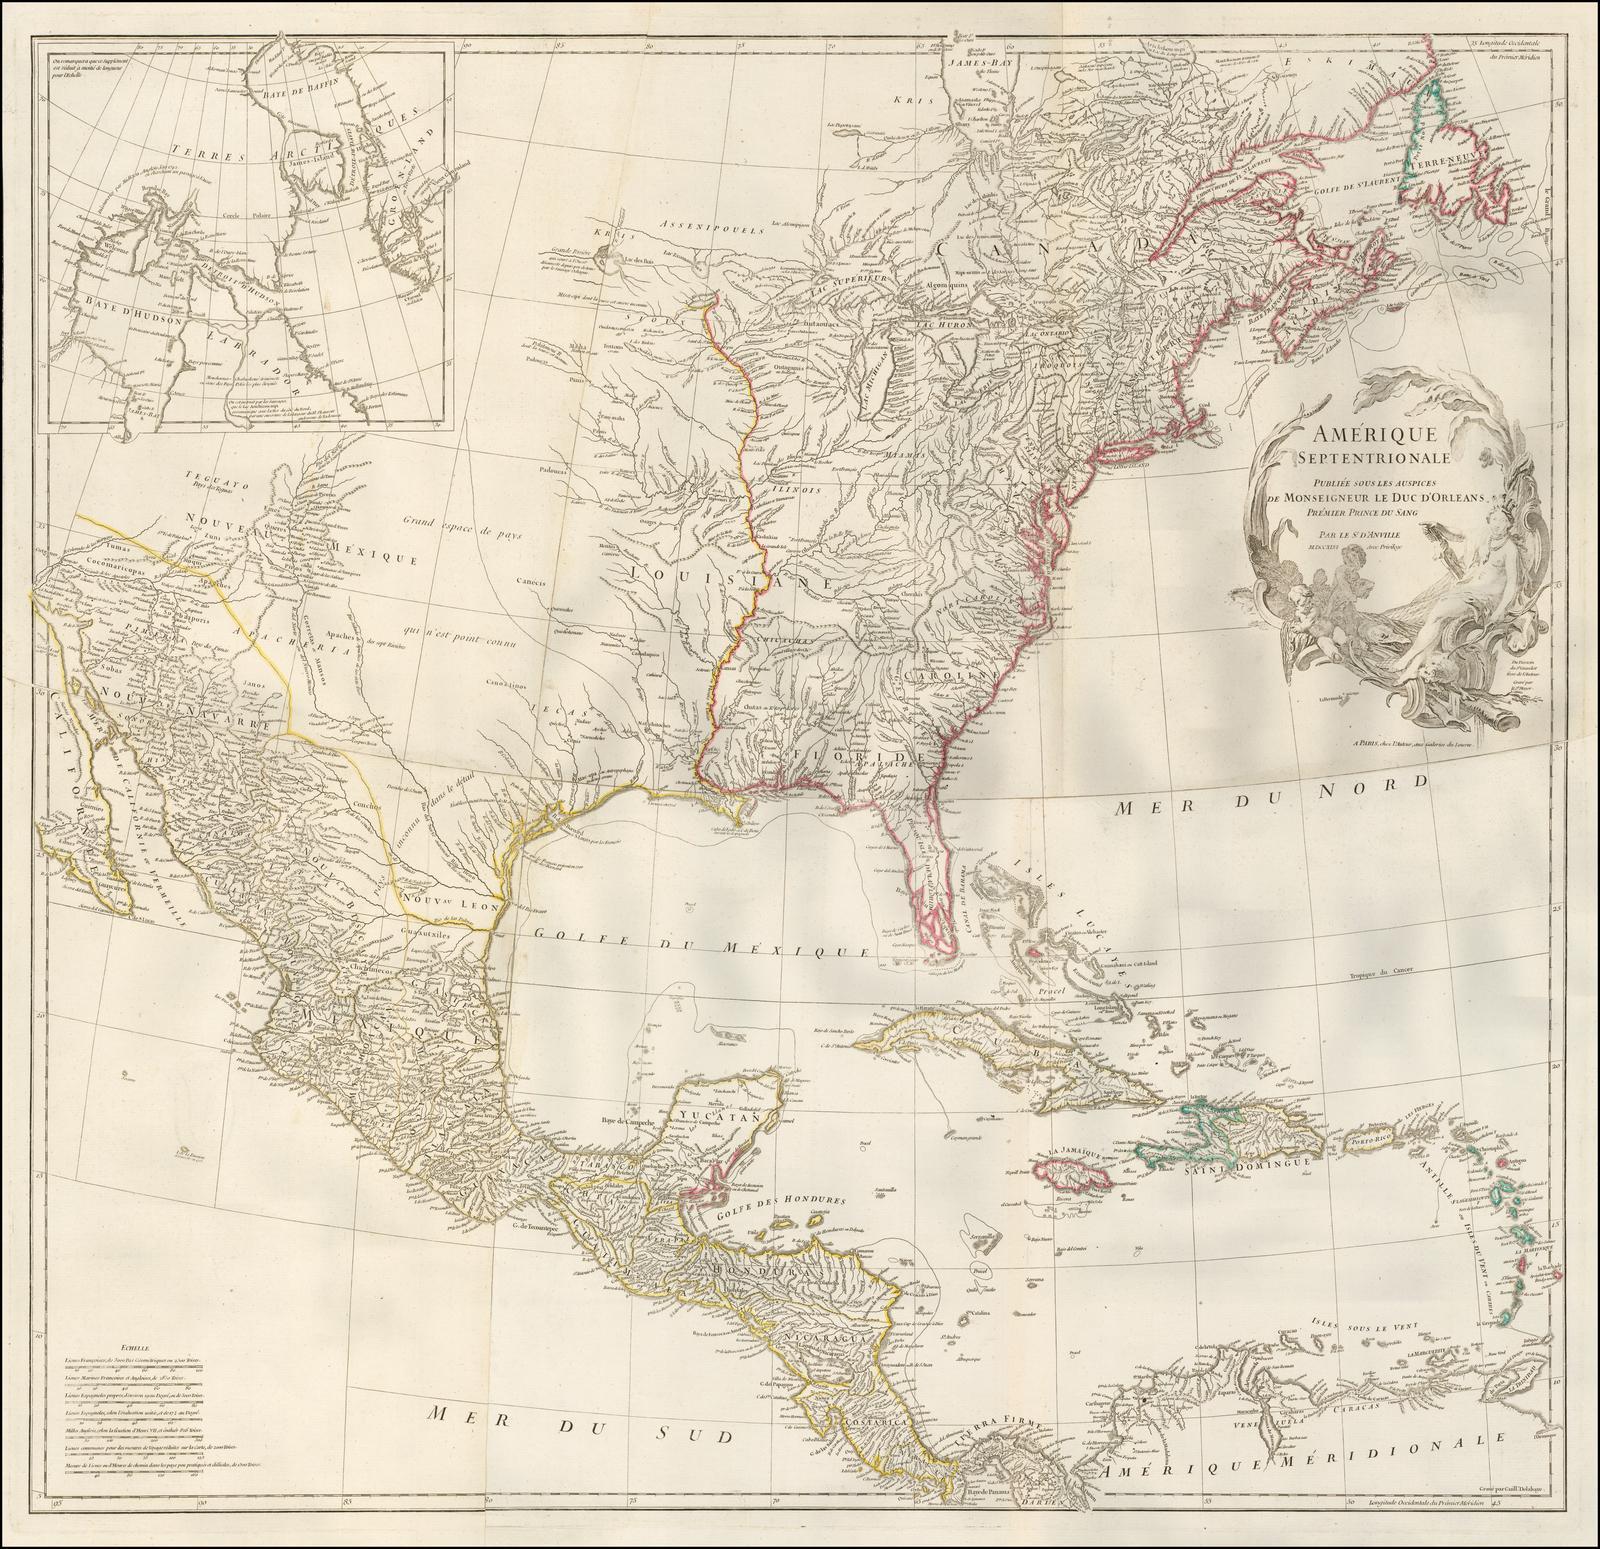 Карта Северной Америки Д'Анвиля, одна из лучших французских карт Америки до Франко-индийской войны